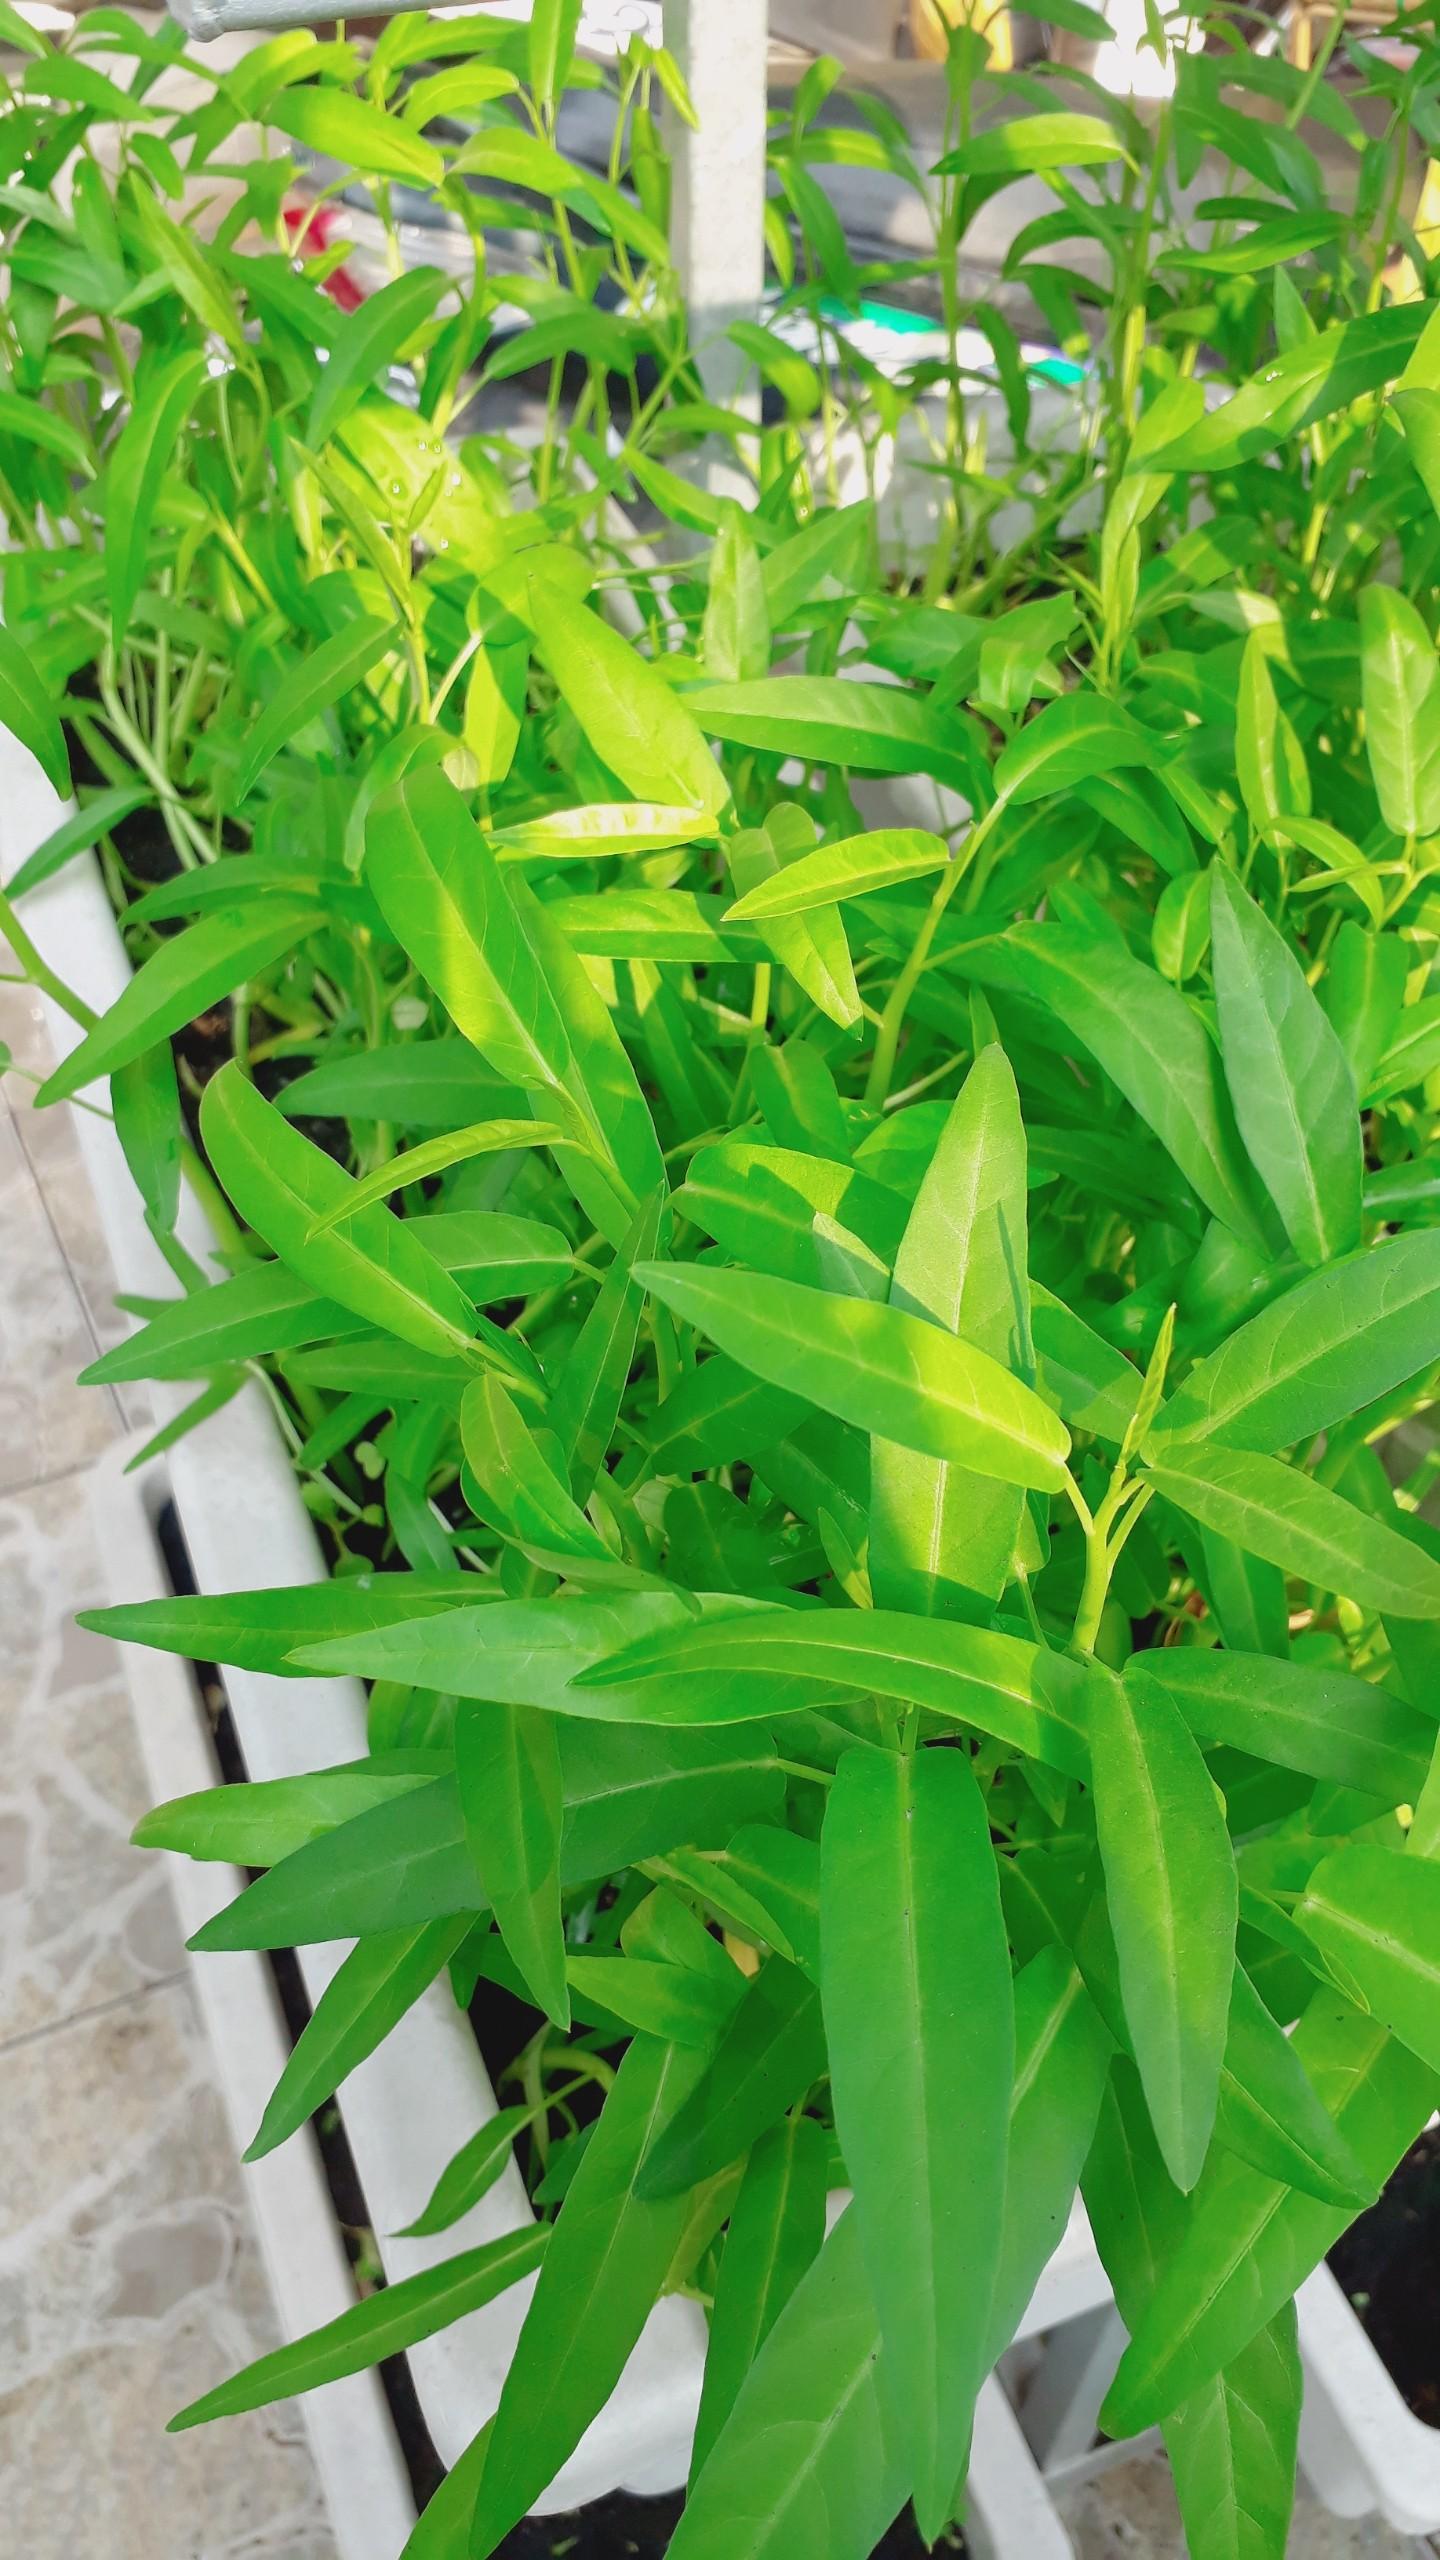 Mô hình vườn rau sạch tại nhà thông minh và hiệu quả nhất hiện nay-Công ty thiết kế Quang Anh